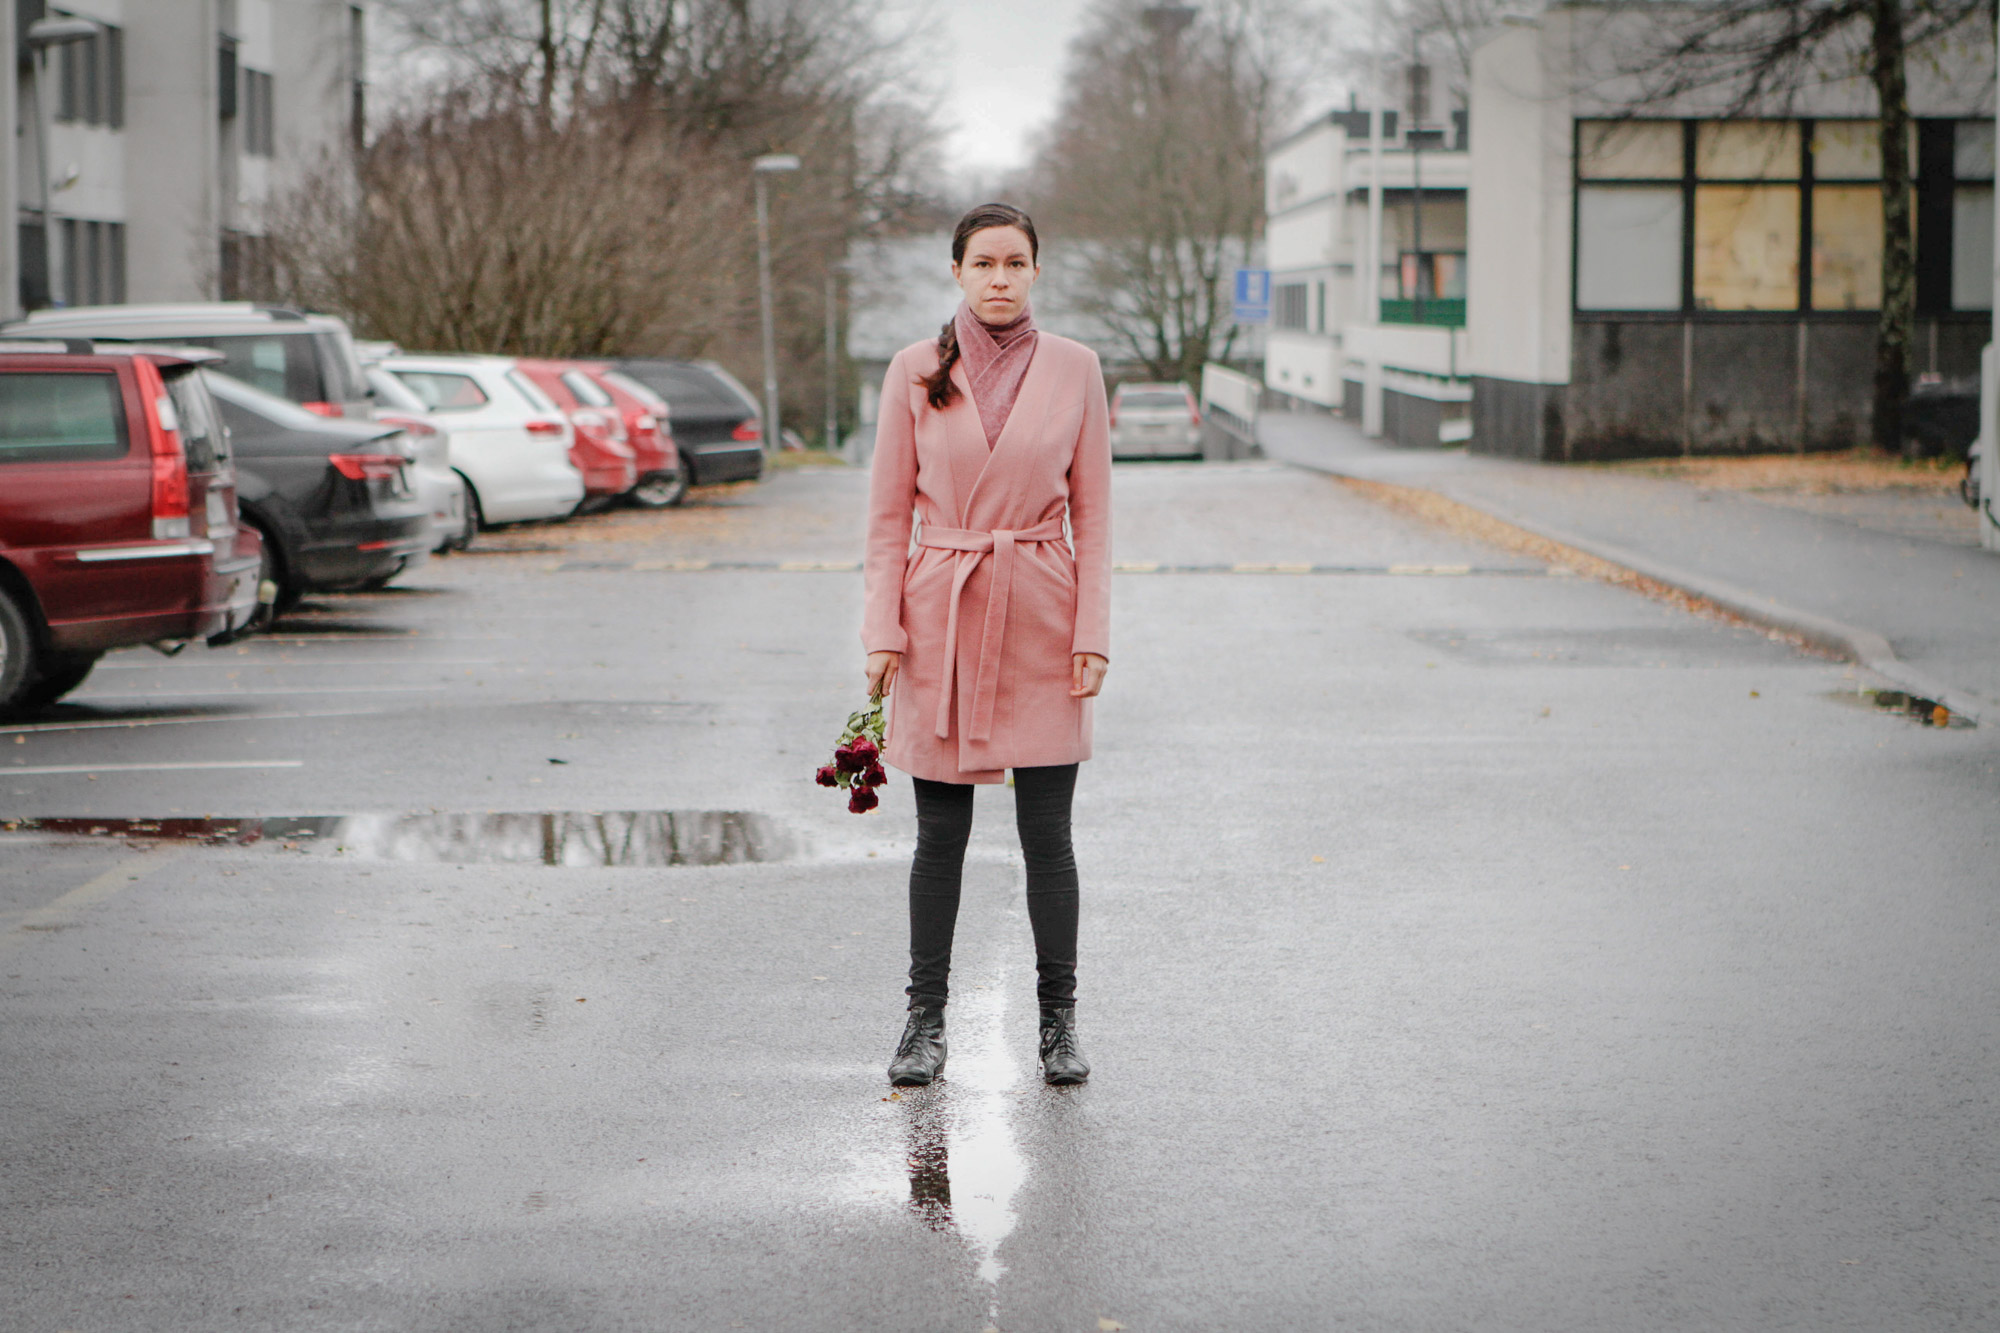 Punaiseen takkiin pukeutunut nainen seisoo kadulla ruusukimppu kädessään.